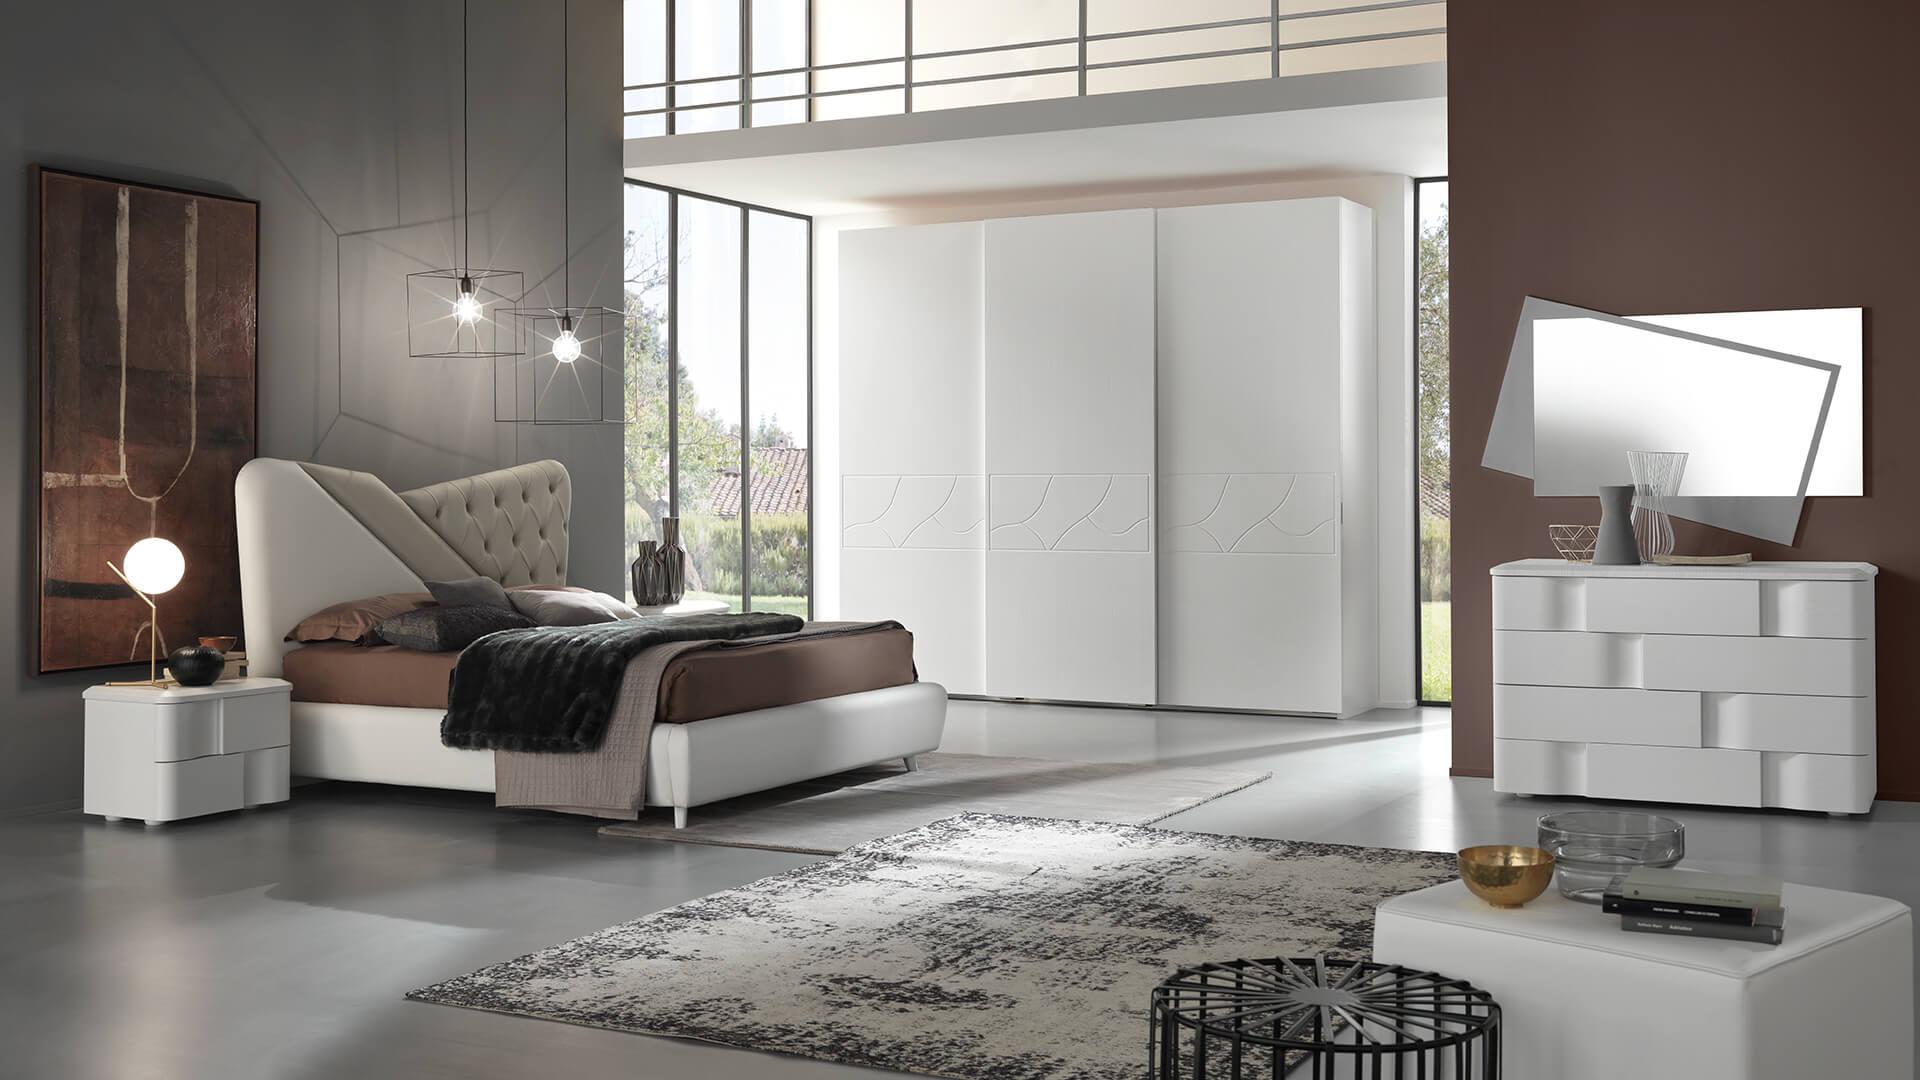 Collezione Armadi_modello componibile a 3 ante_finitura in legno bianco impiallaciato con elegante incisione a cornice come modello Kim